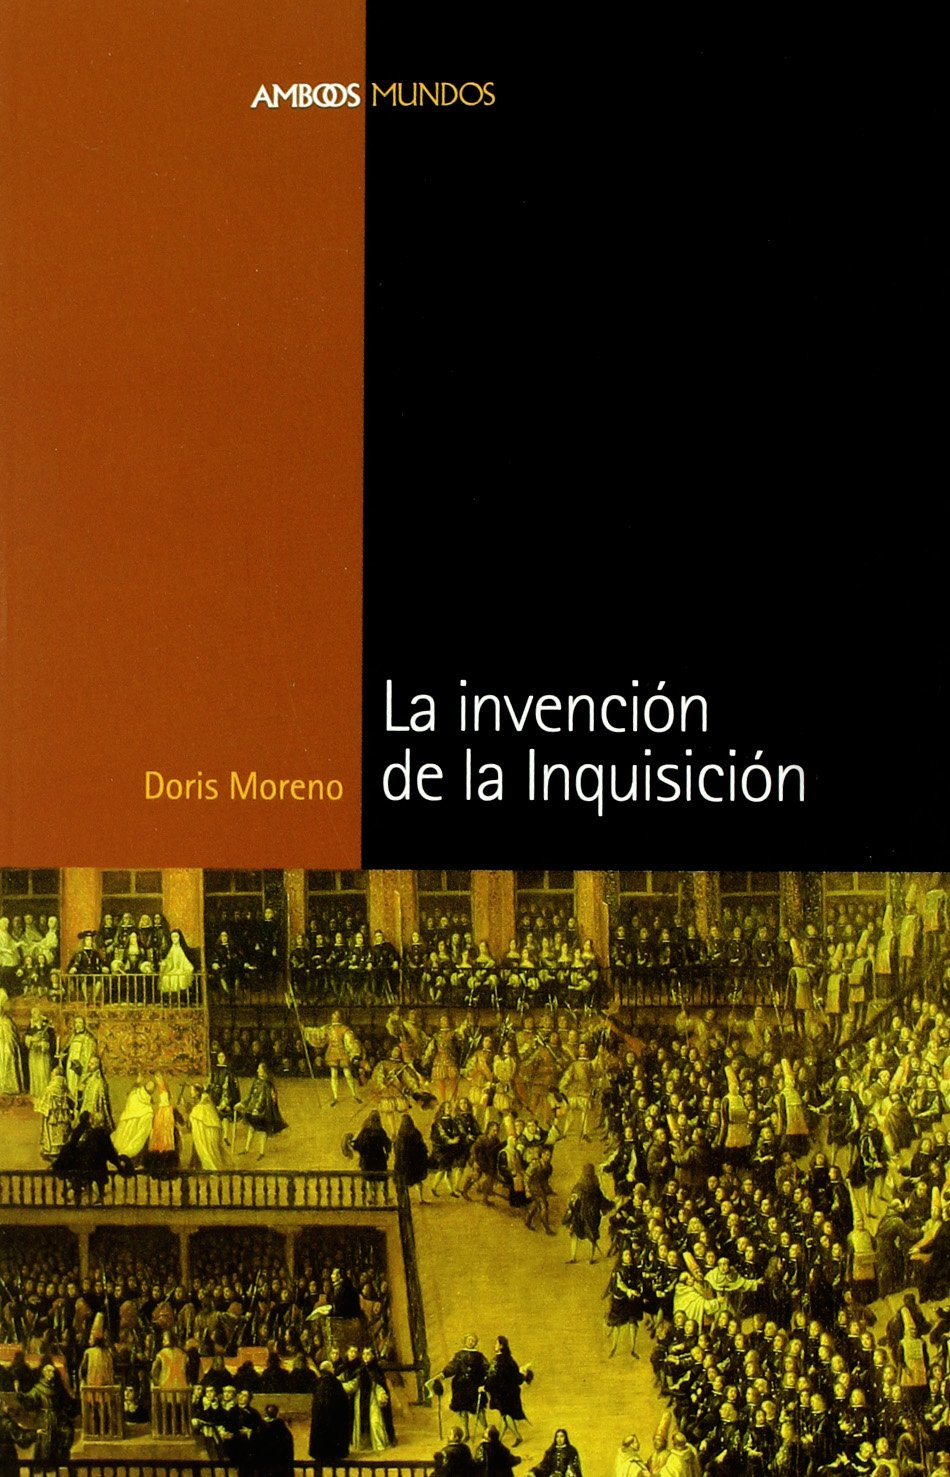 INVENCIÓN DE LA INQUISICIÓN, LA: 1 (Ambos Mundos): Amazon.es: Moreno, Doris: Libros